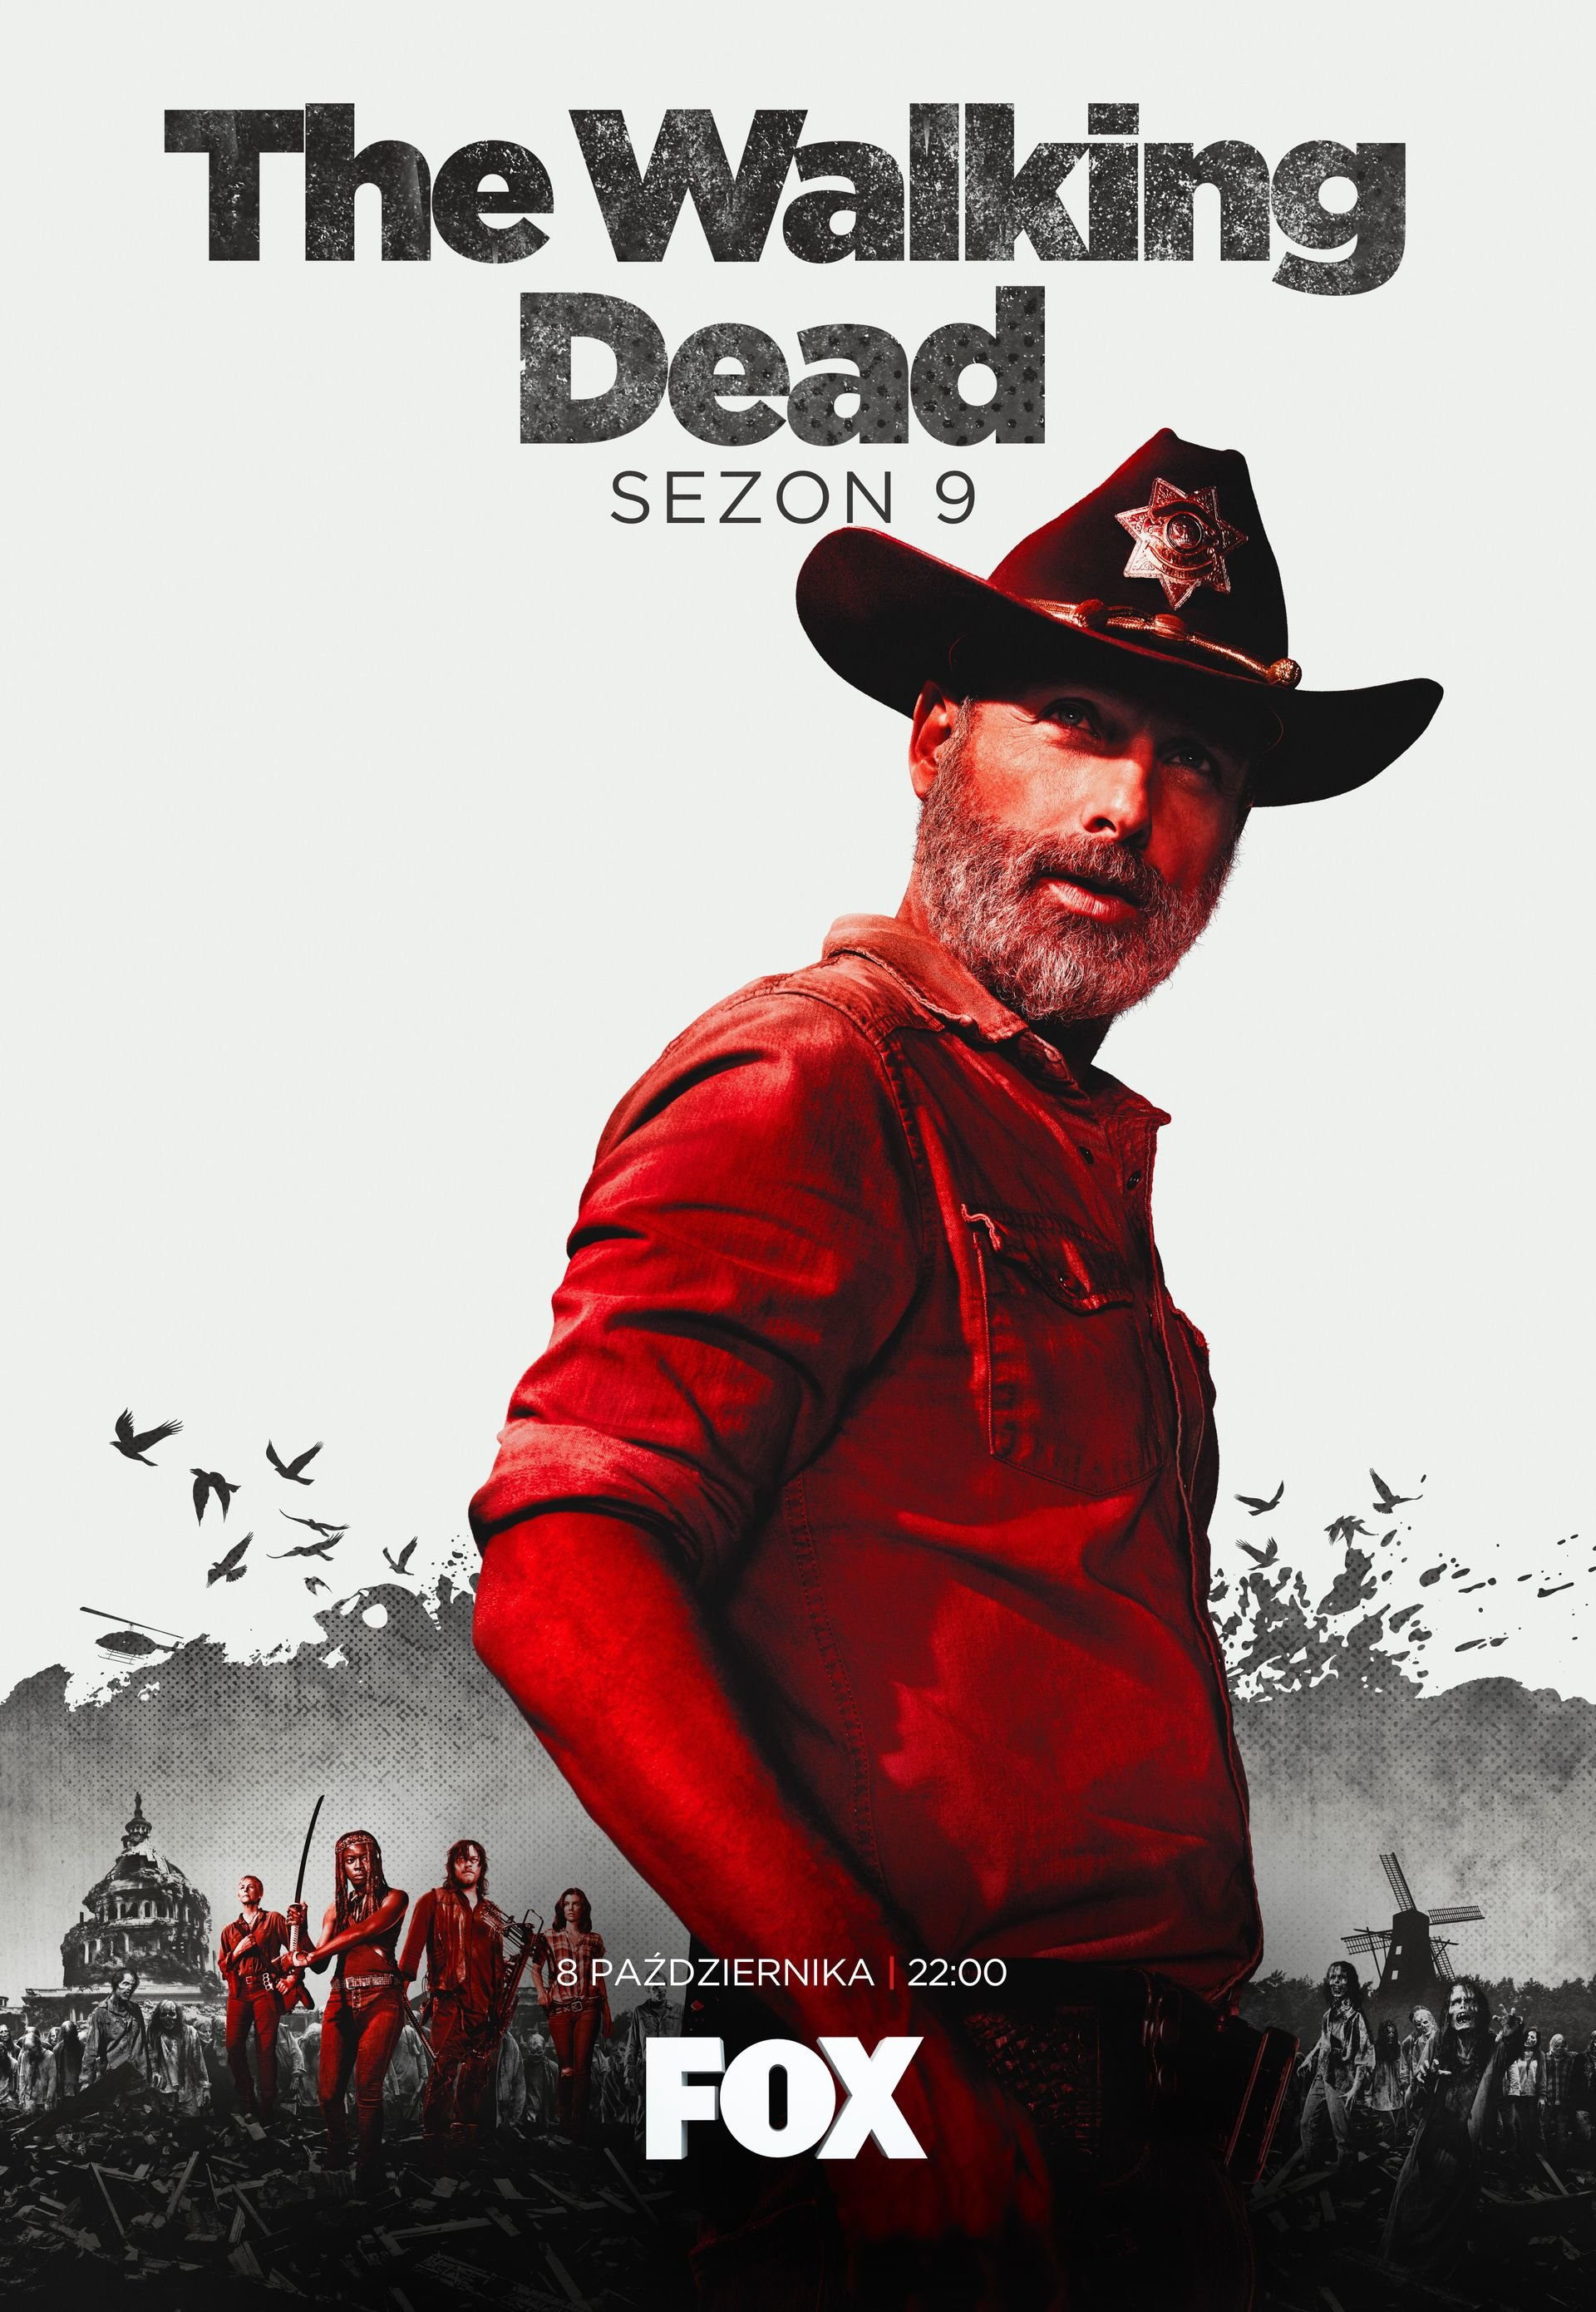 FOX przedstawia oficjalny plakat promujący 9. sezon The Walking Dead!